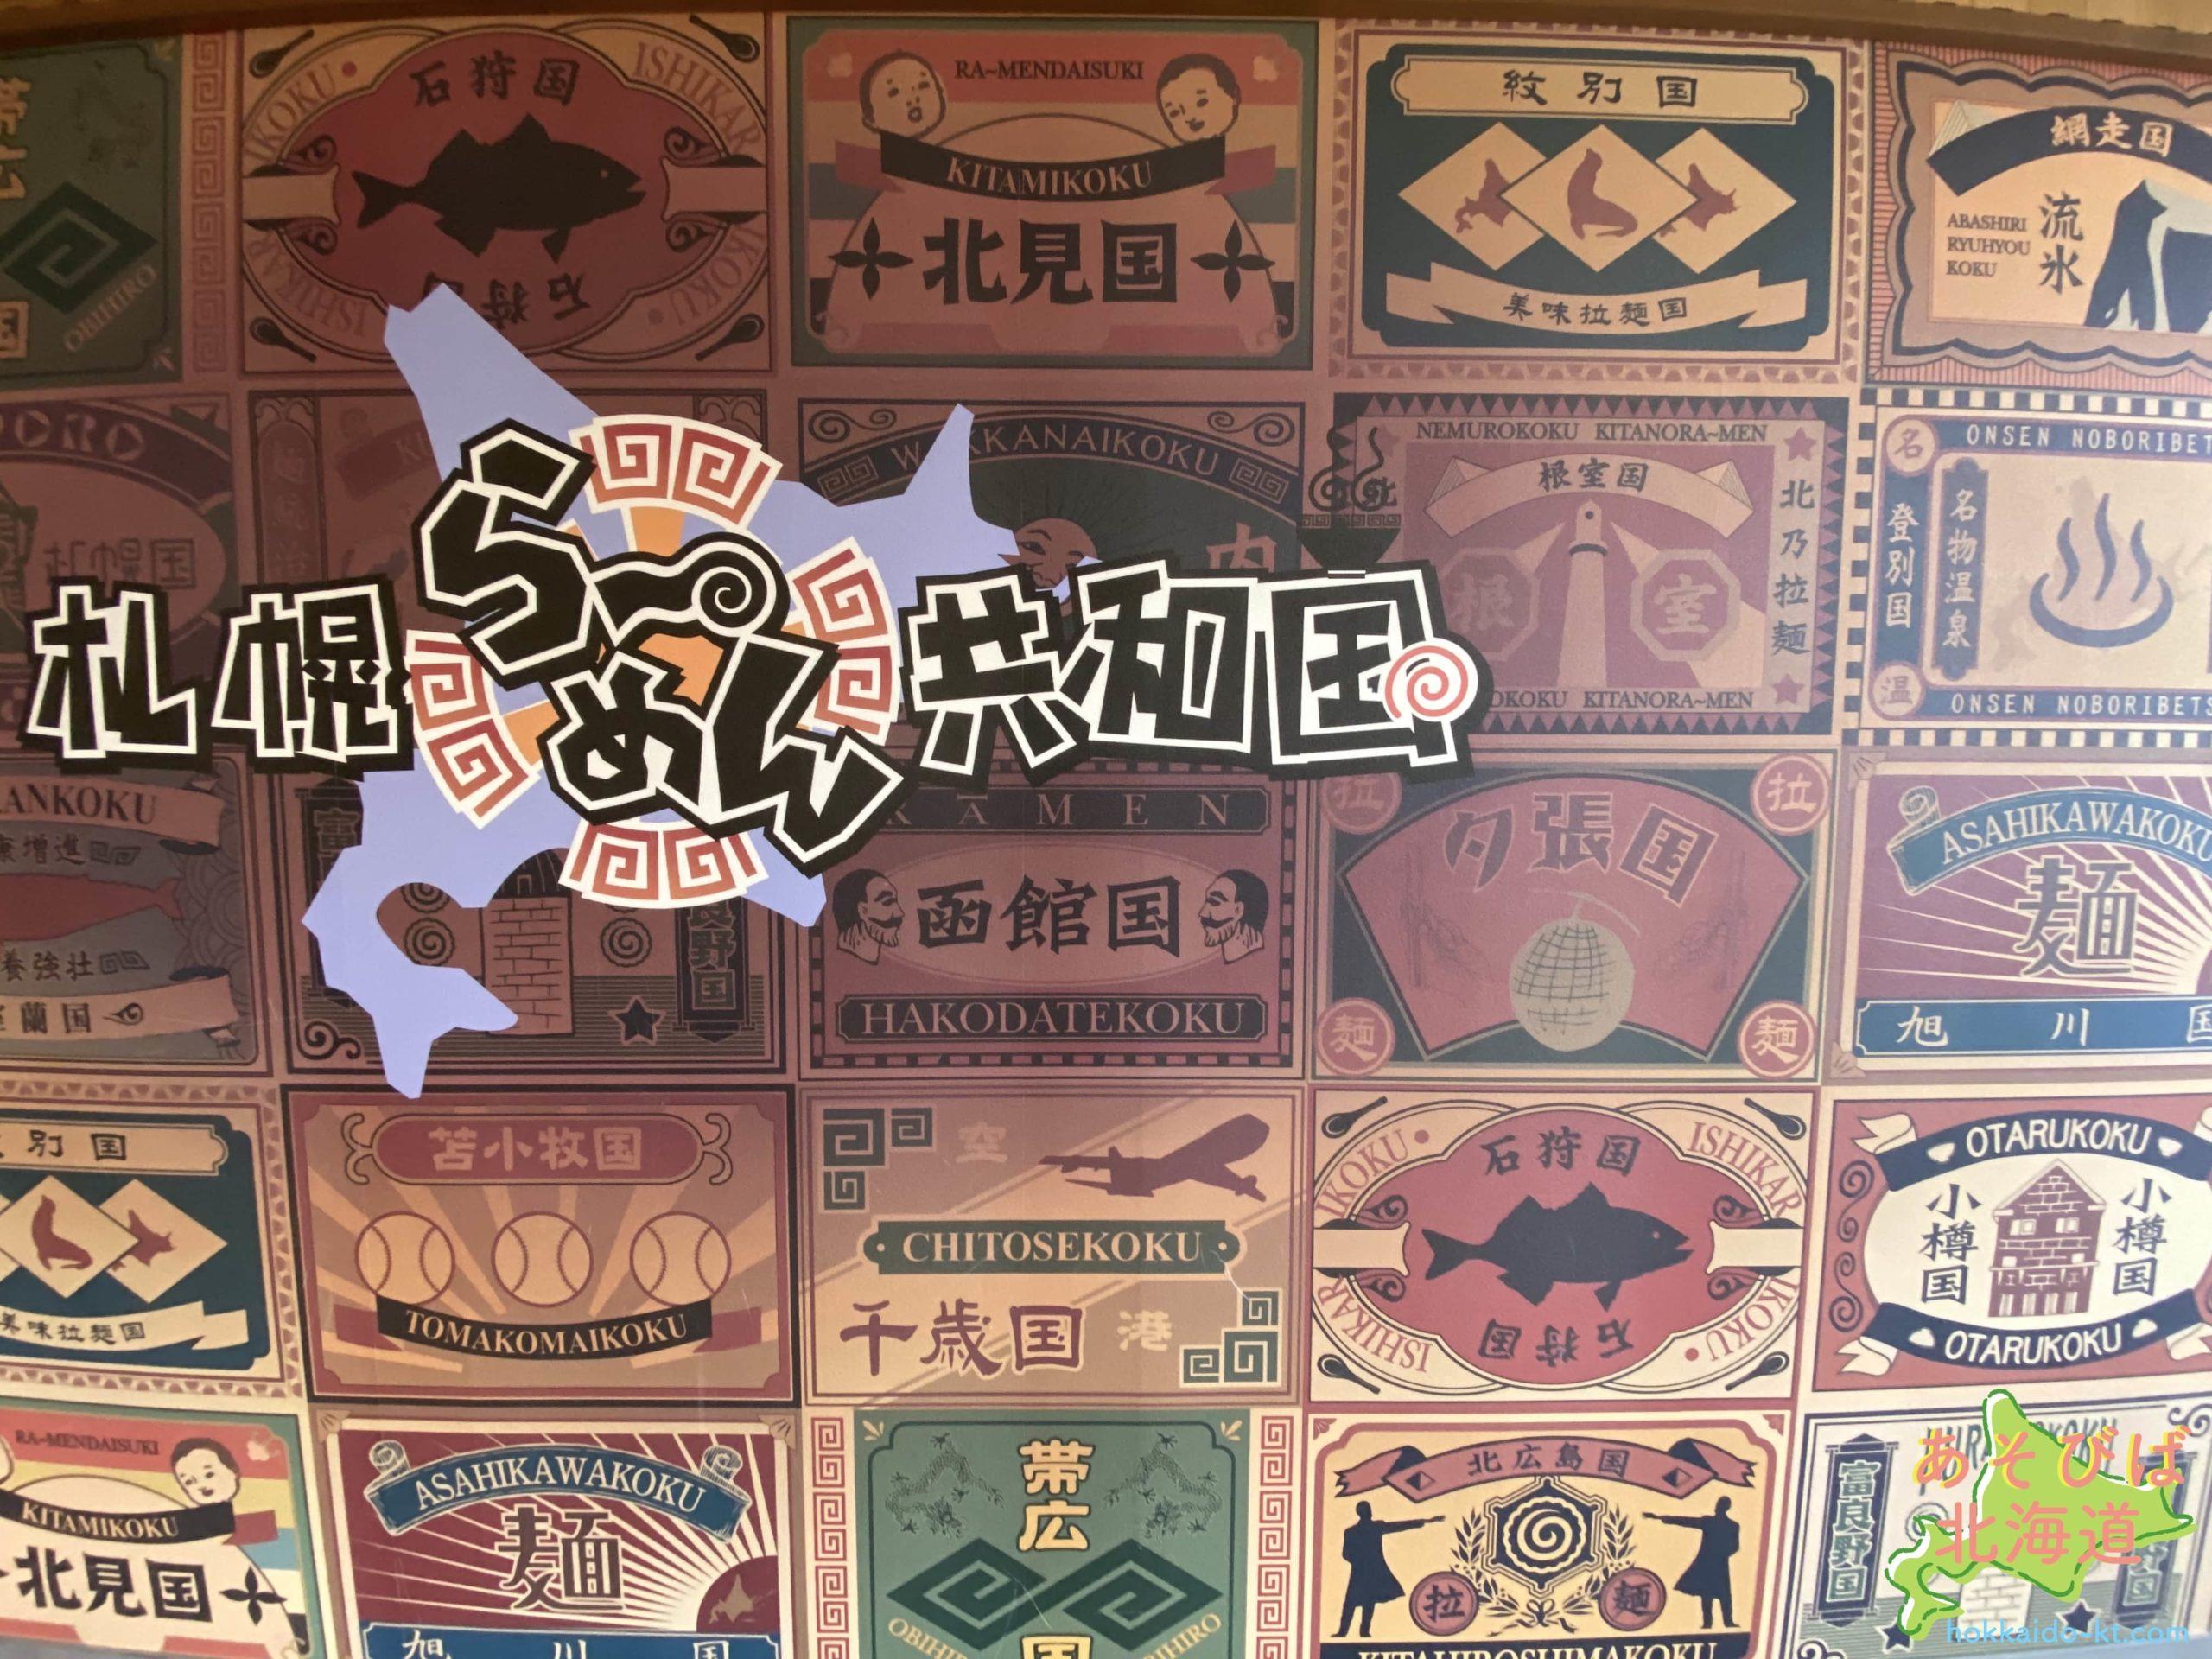 札幌ラーメン共和国の看板